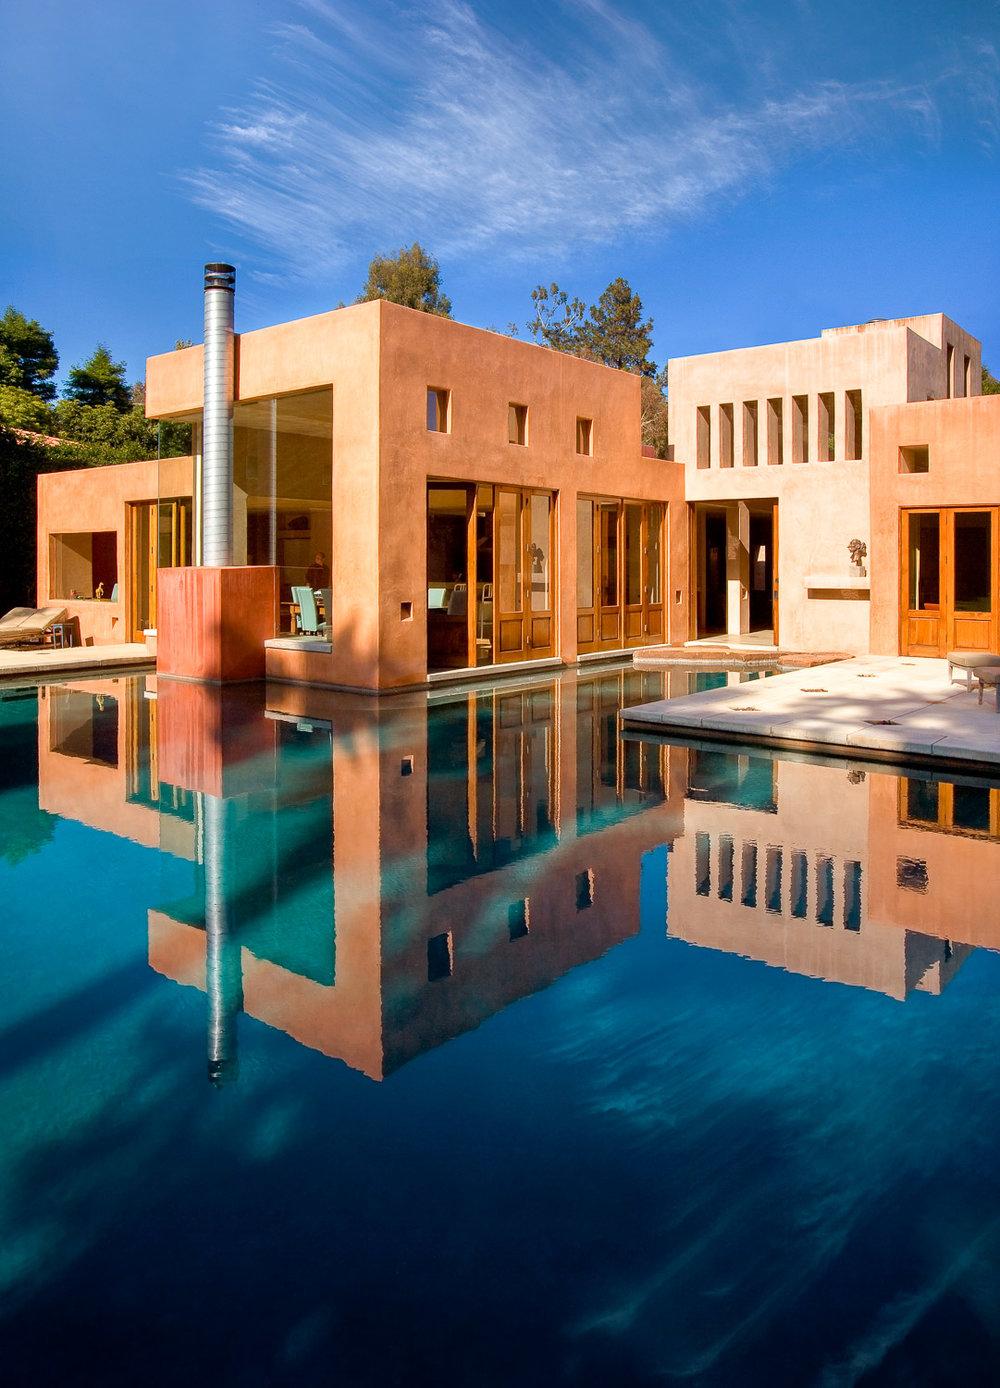 002 Los Angeles Private Residence.jpg